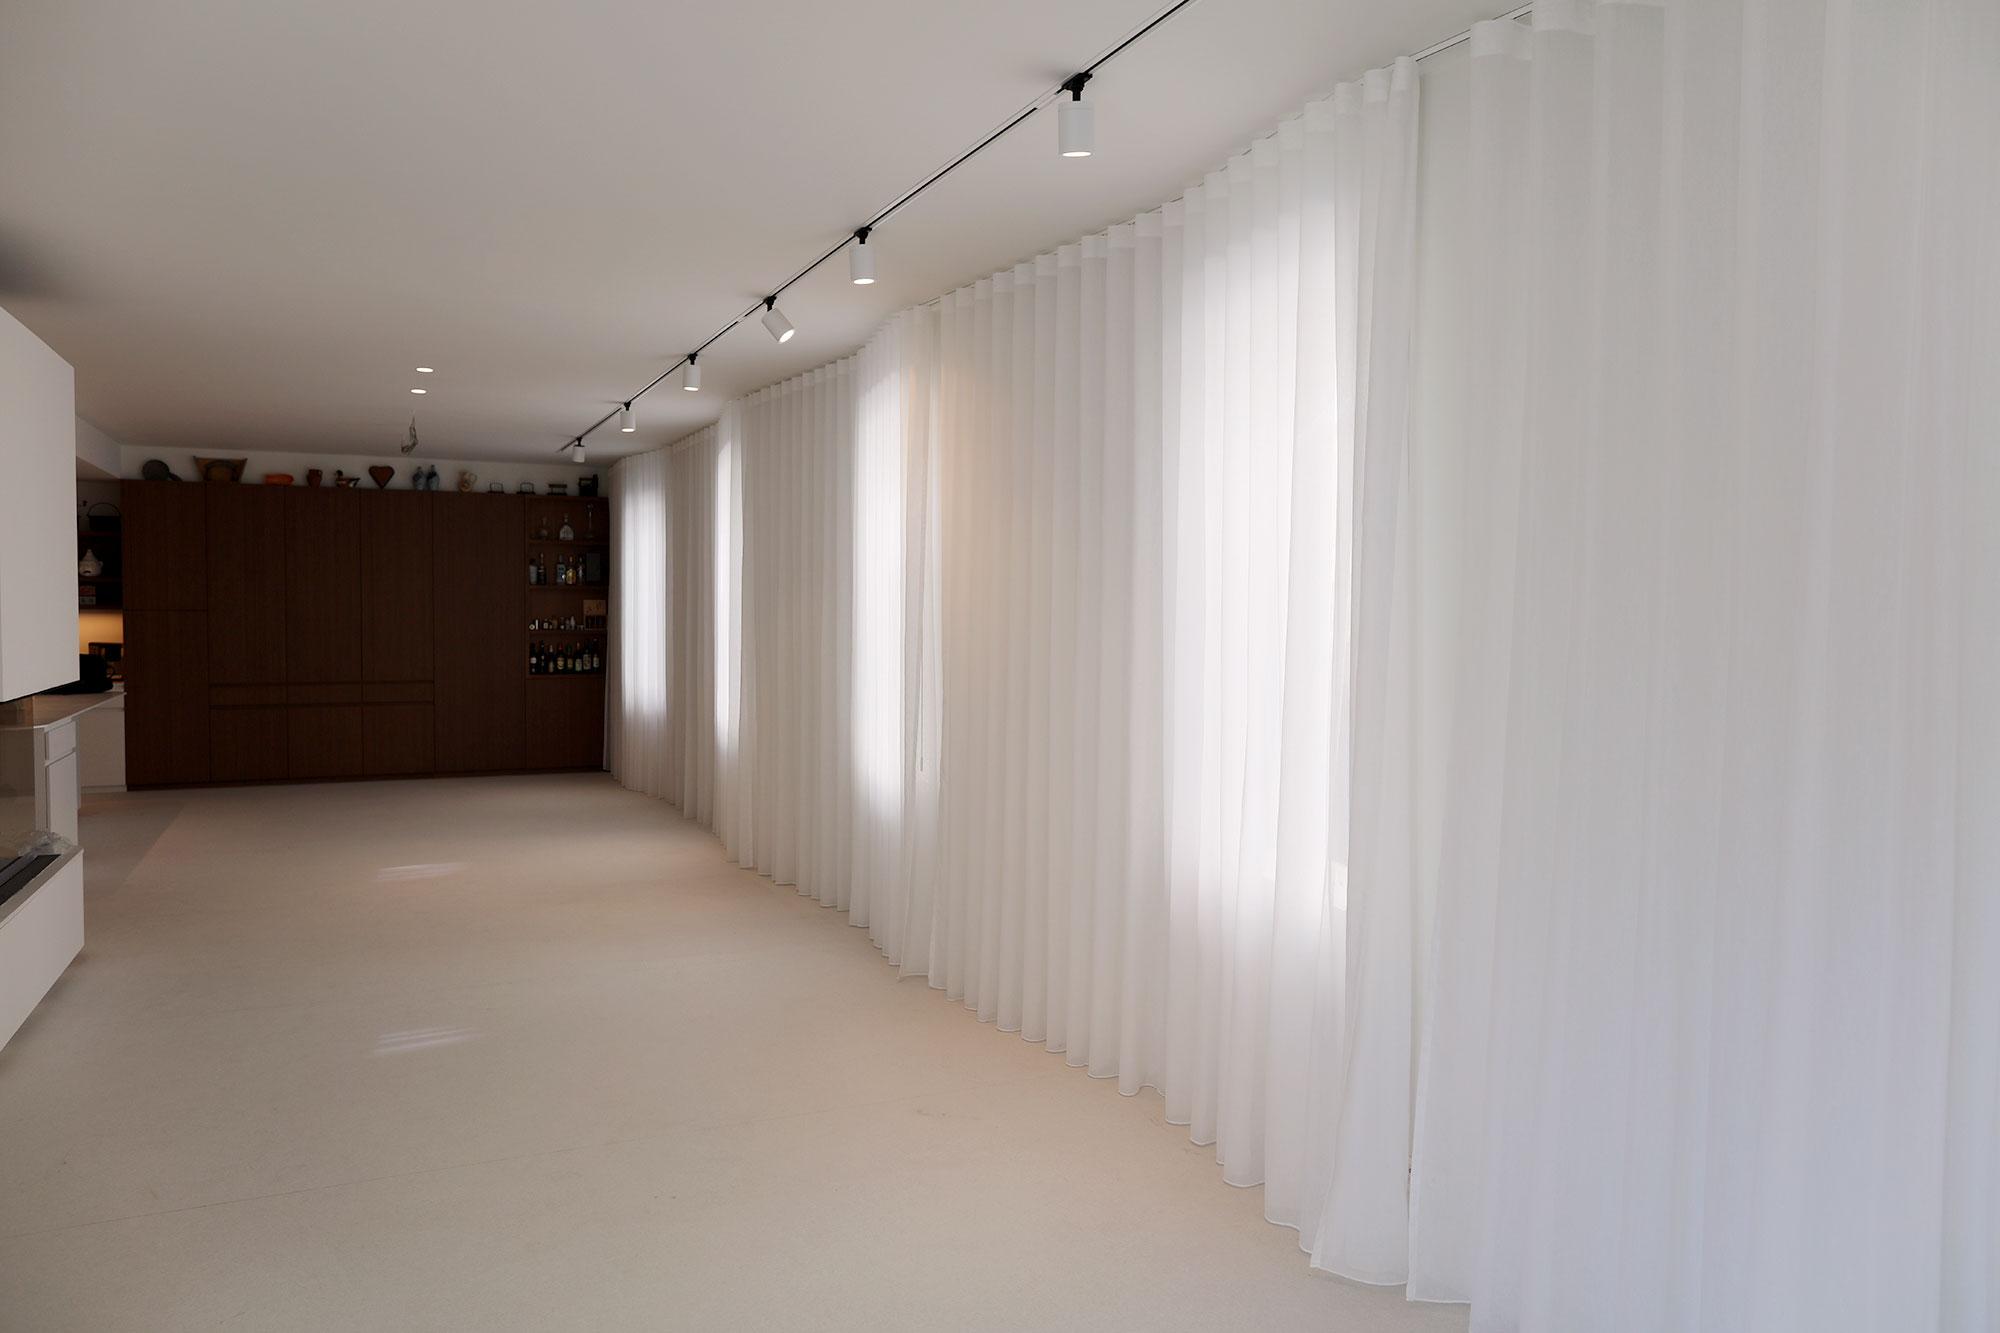 De volledige raamwand werd voorzien van een licht en op maat gemaakt gordijn.